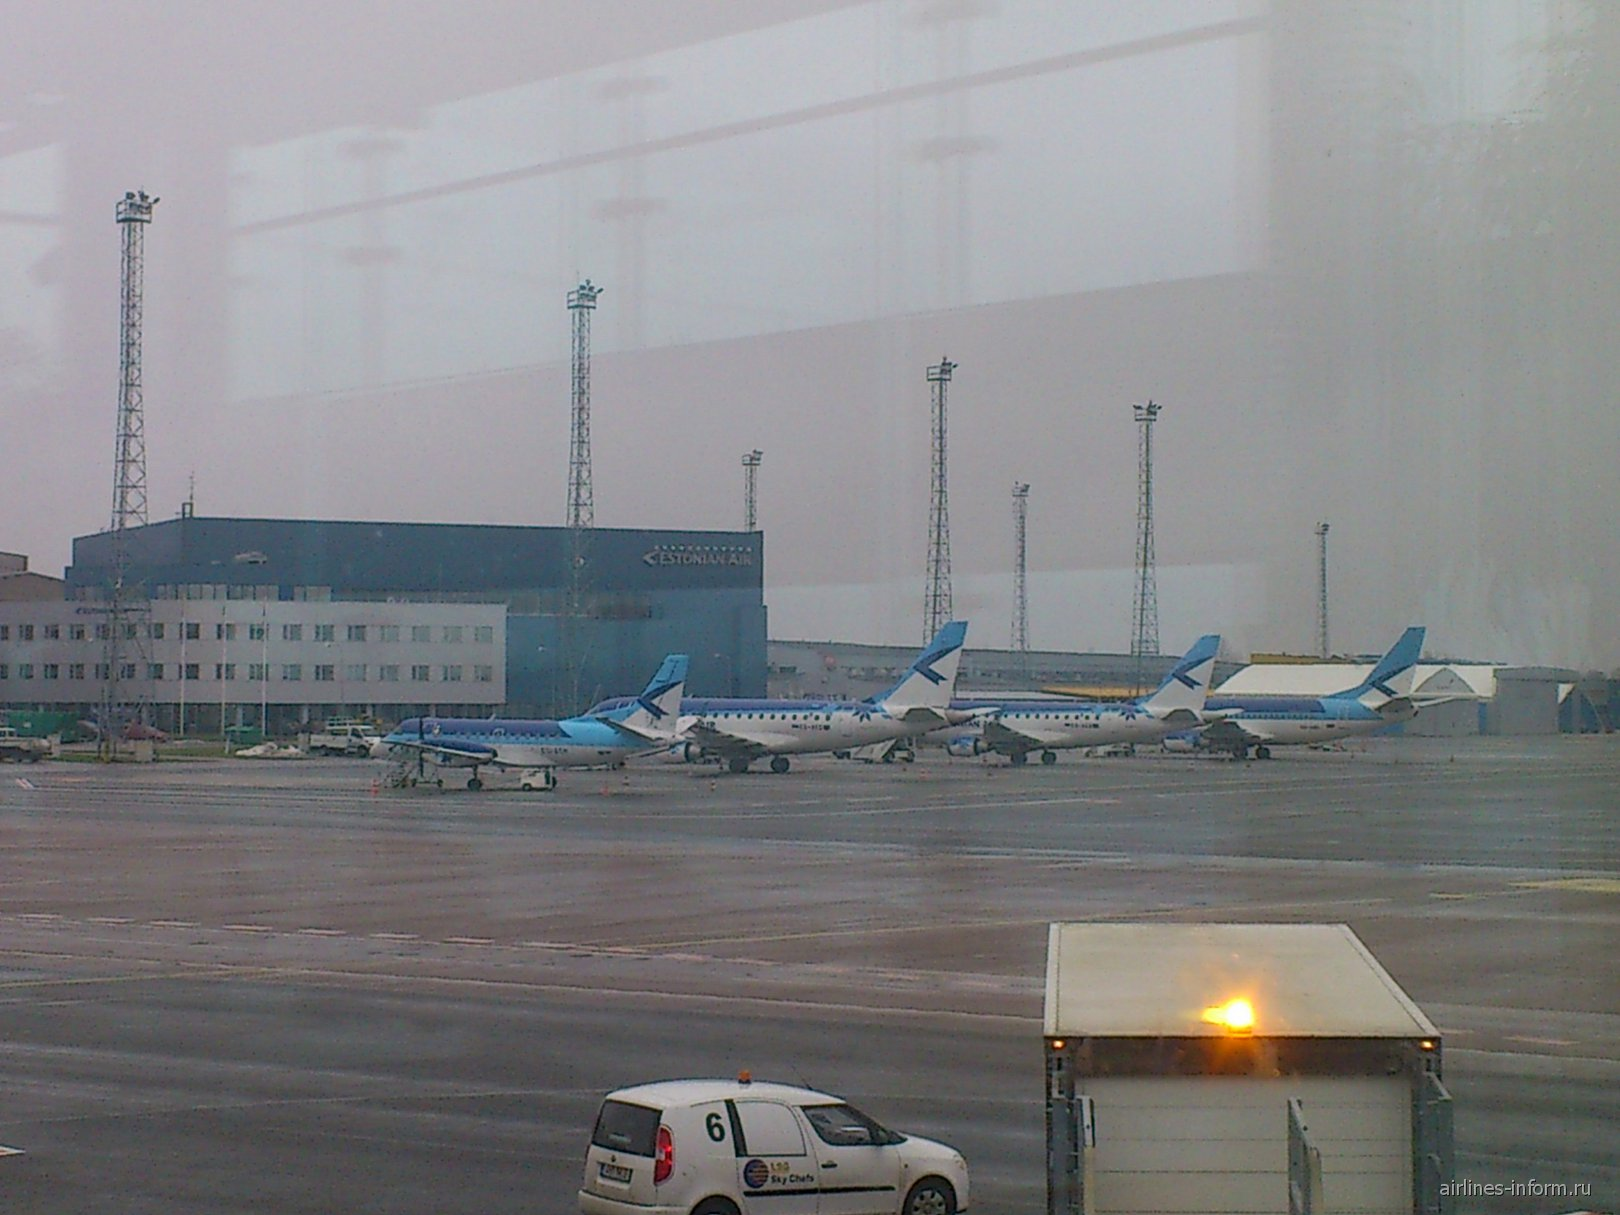 Самолеты авиакомпании Эстониан Эйр